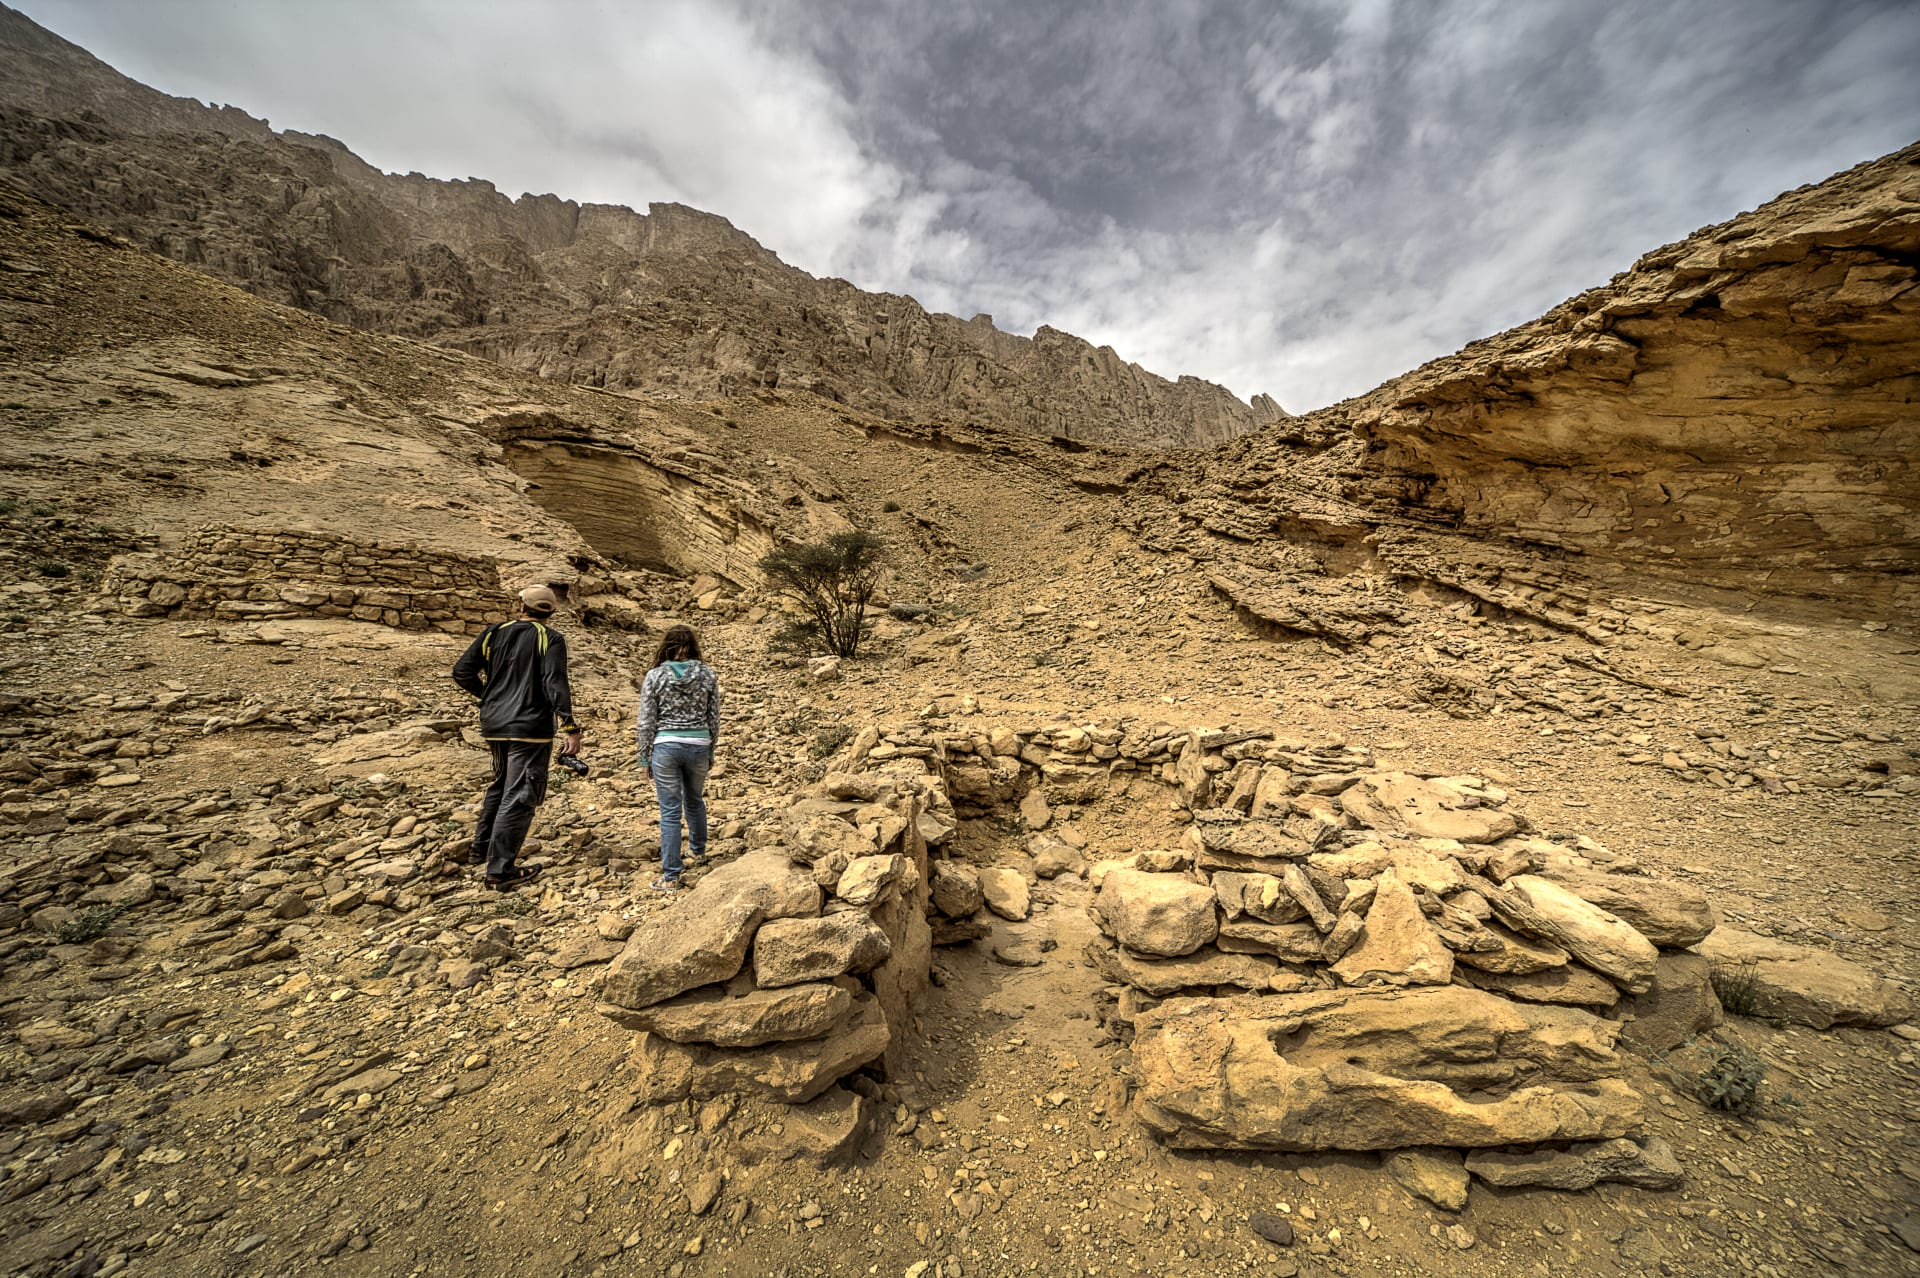 """مصور يستكشف هياكل صخرية تشبه""""خلايا النحل"""" في الإمارات"""